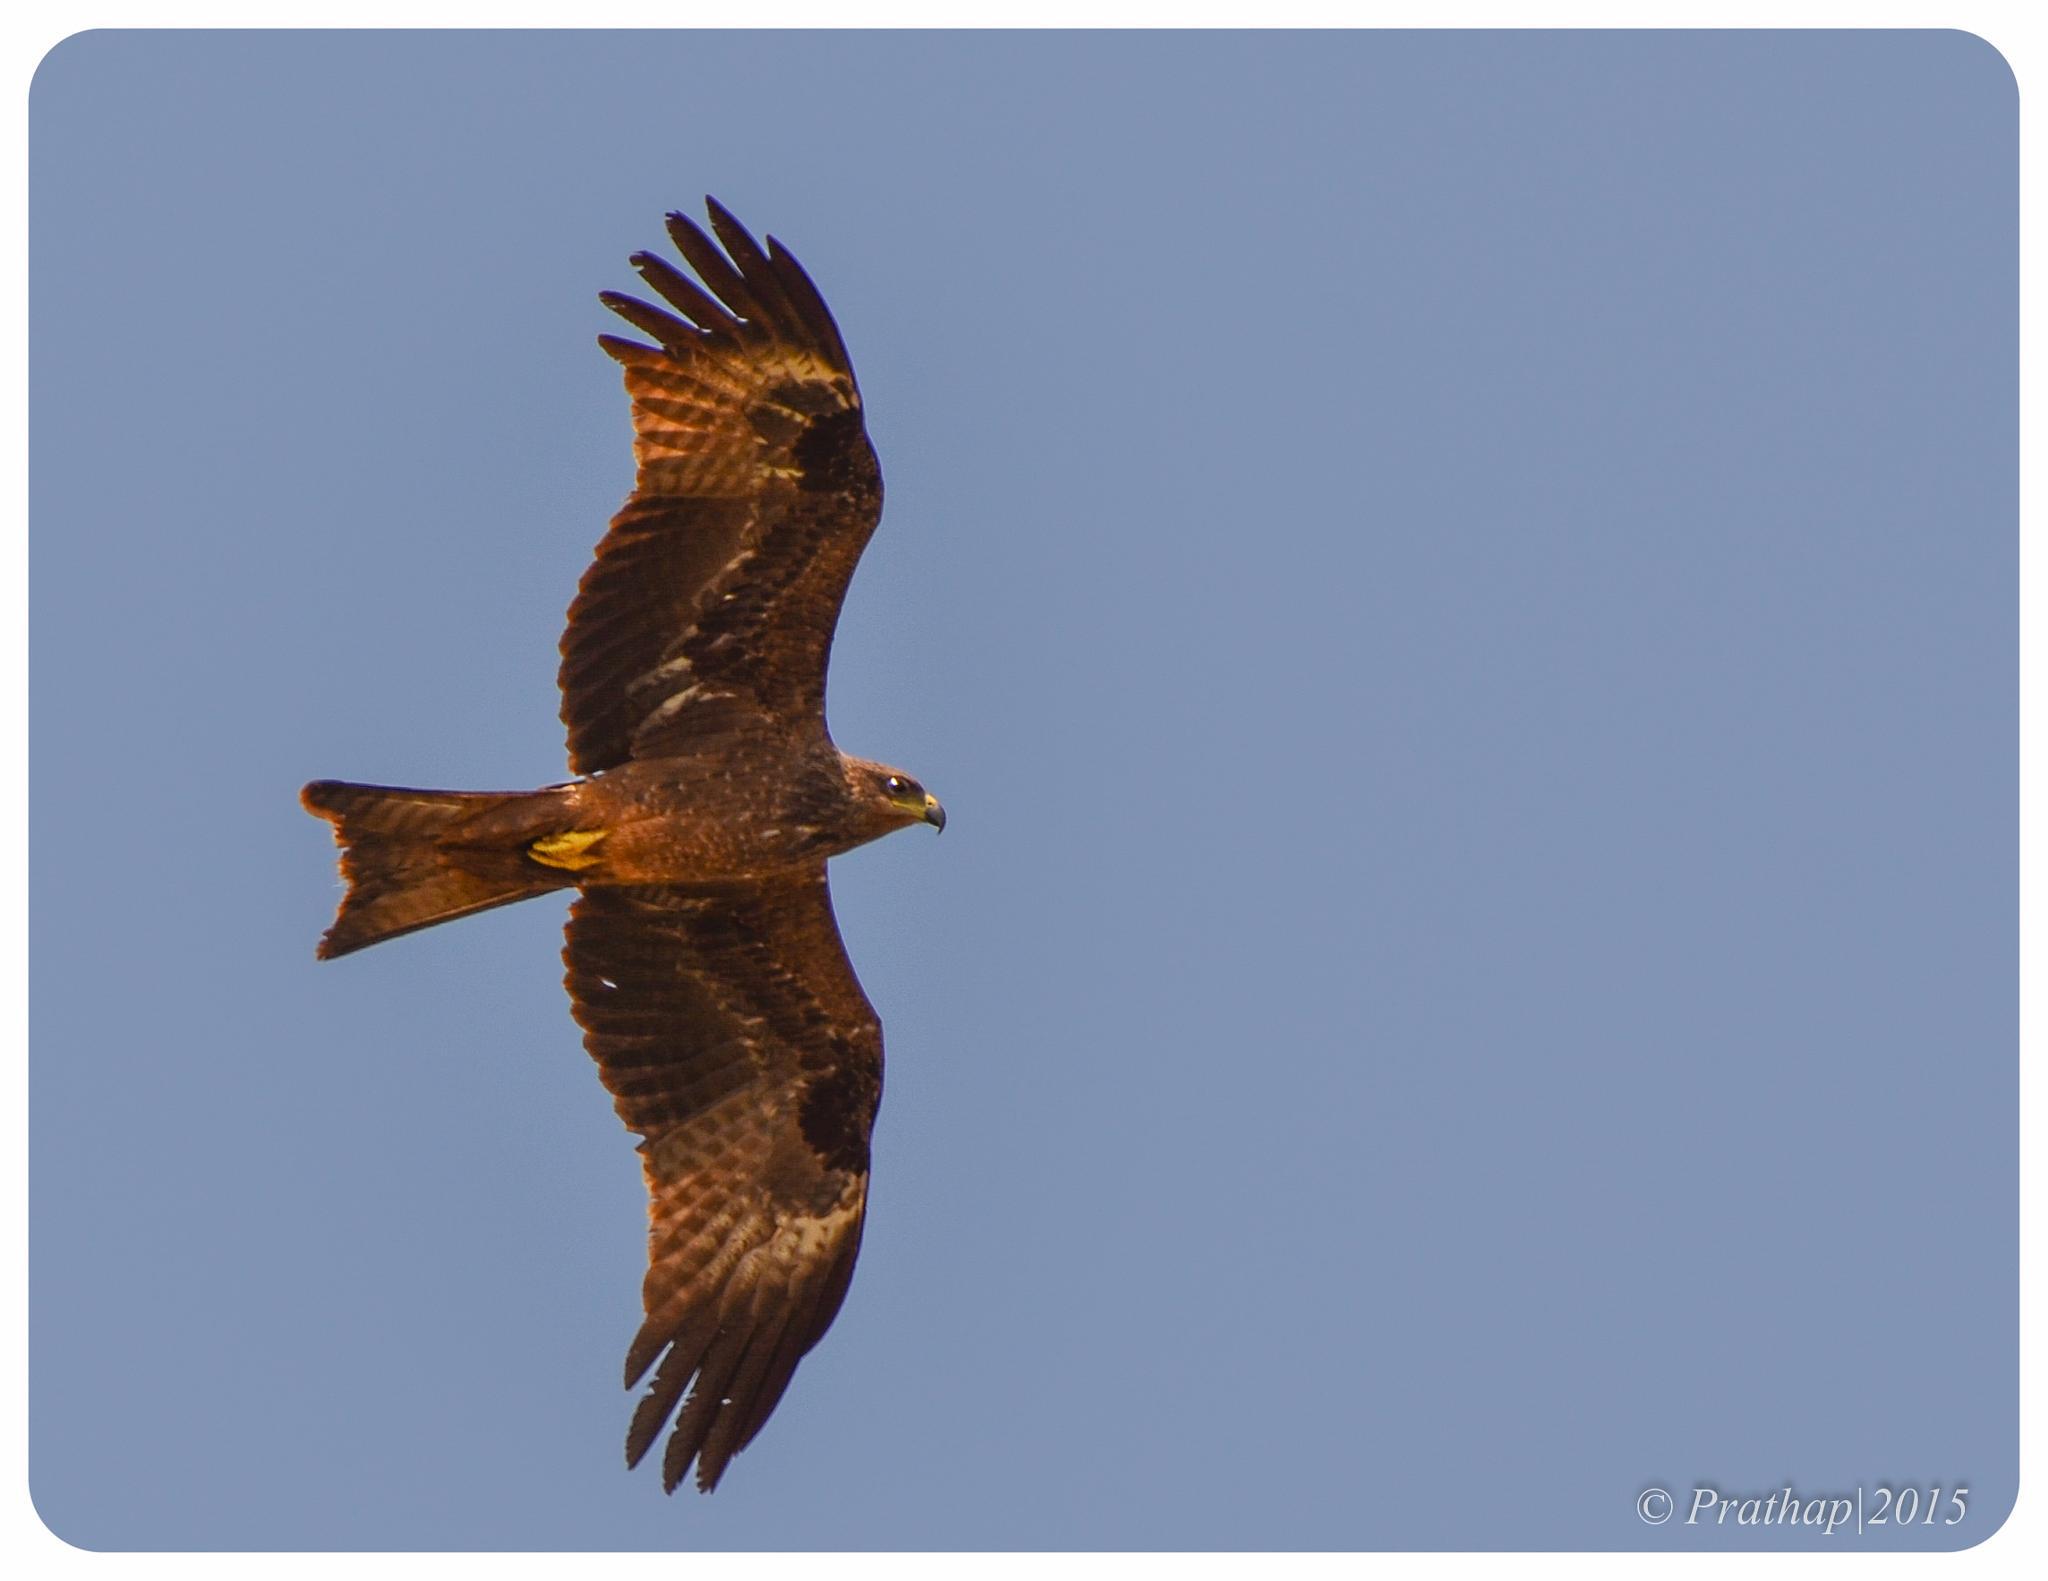 Fly High !! by Prathap Gangireddy